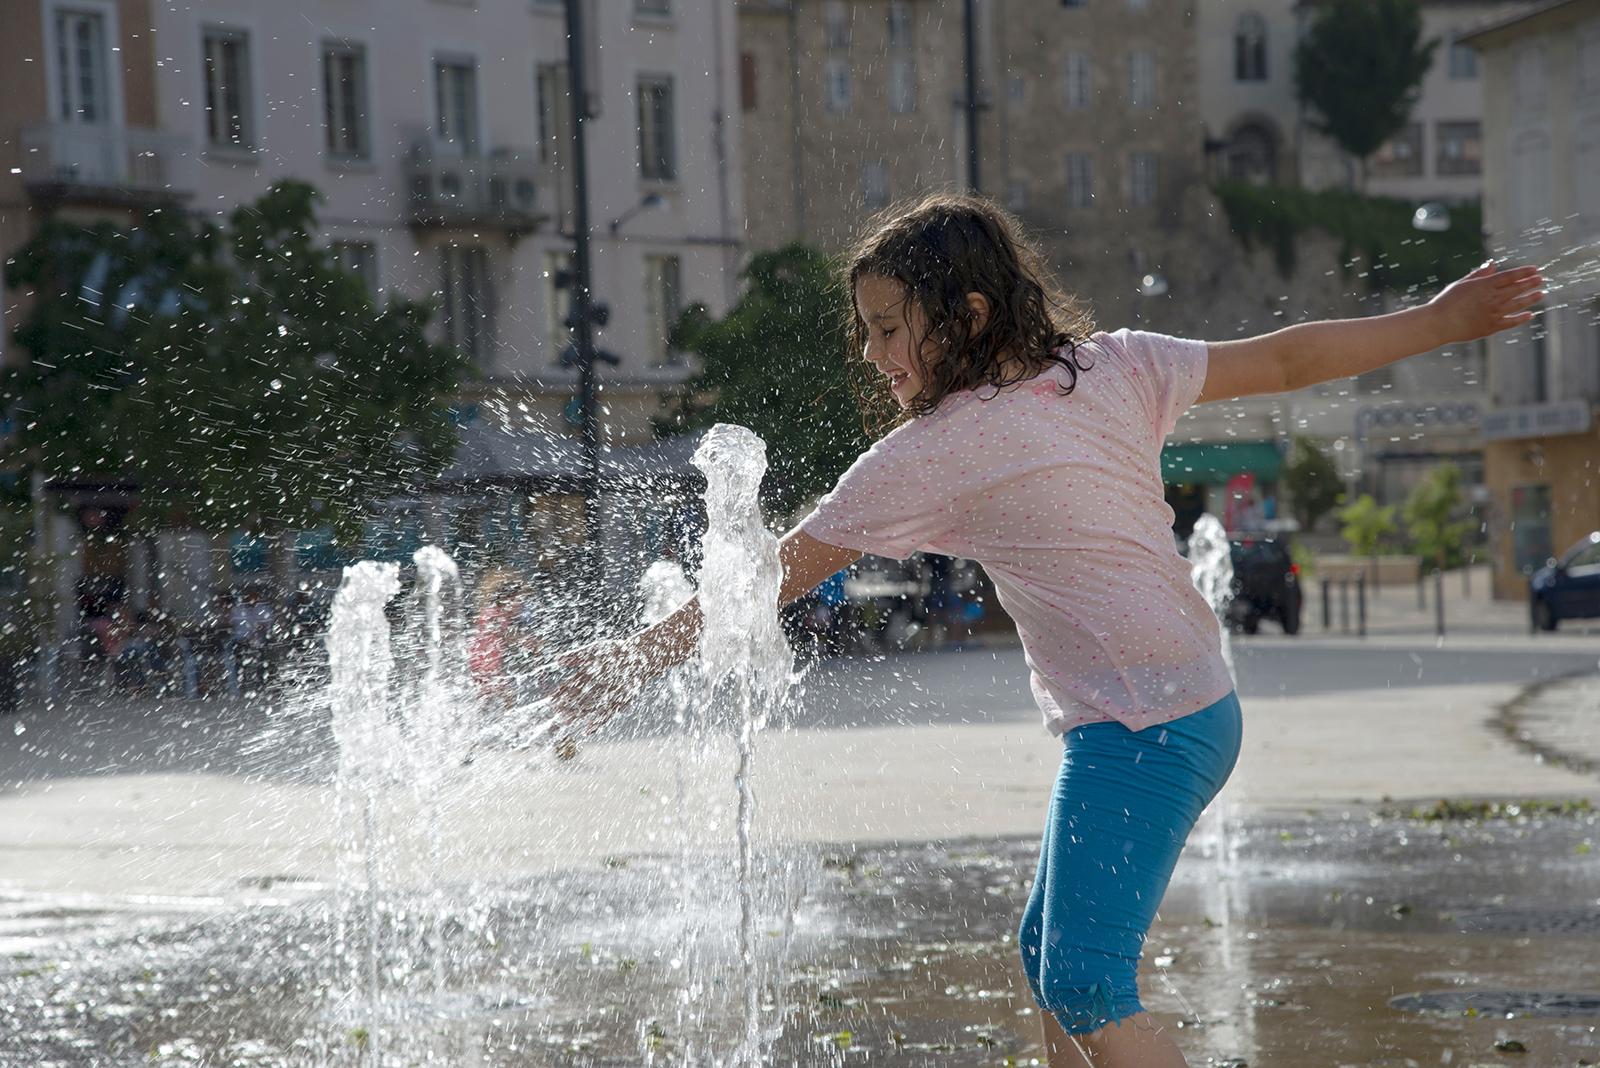 enfant qui joue dans la fontaine, mise en valeur de territoire